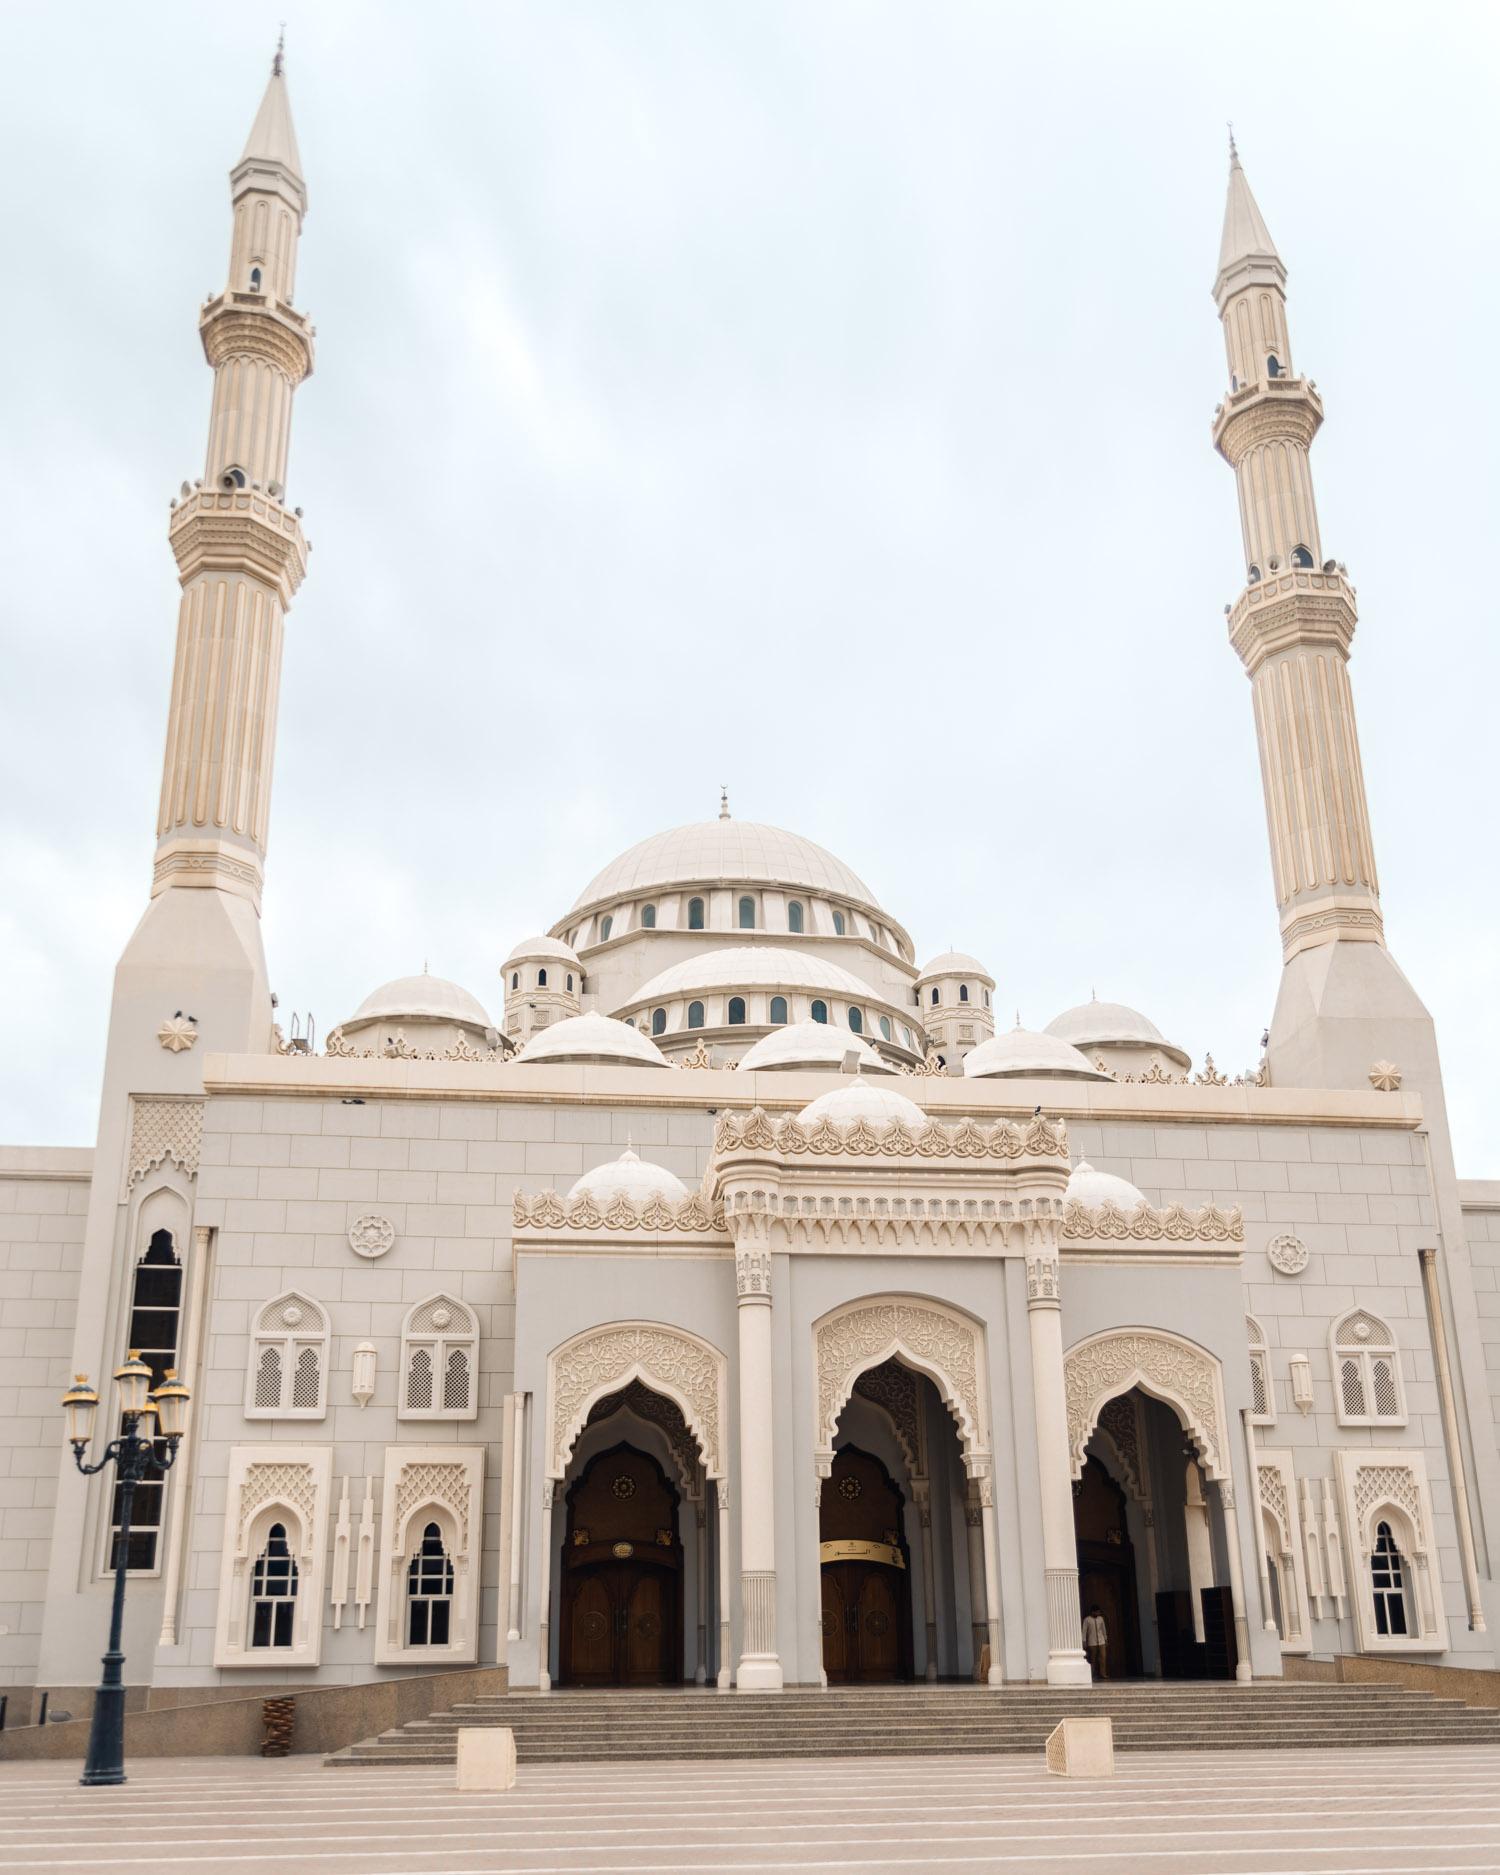 Al Noor Mosque - Things to See in Sharjah, UAE